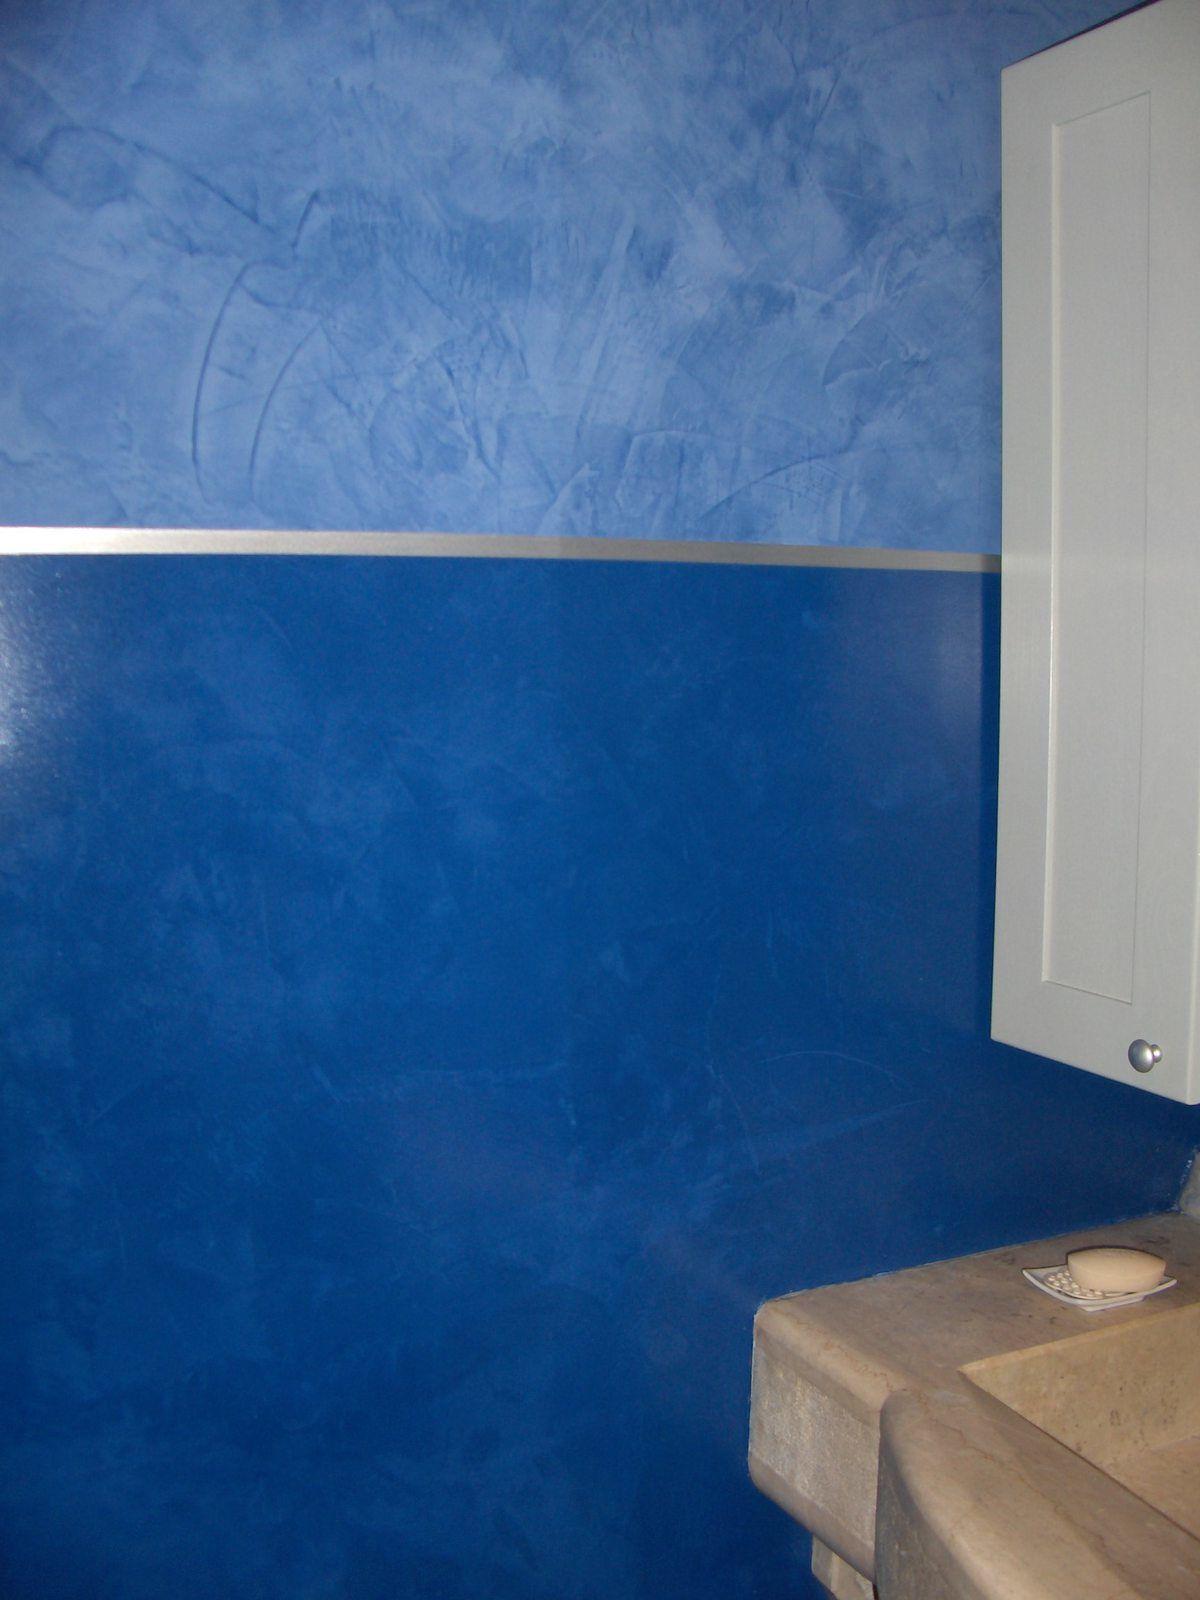 Rivestire piastrelle bagno con resina eu restauro smalto piastrelle youtube with rivestire - Coprire piastrelle con resina ...